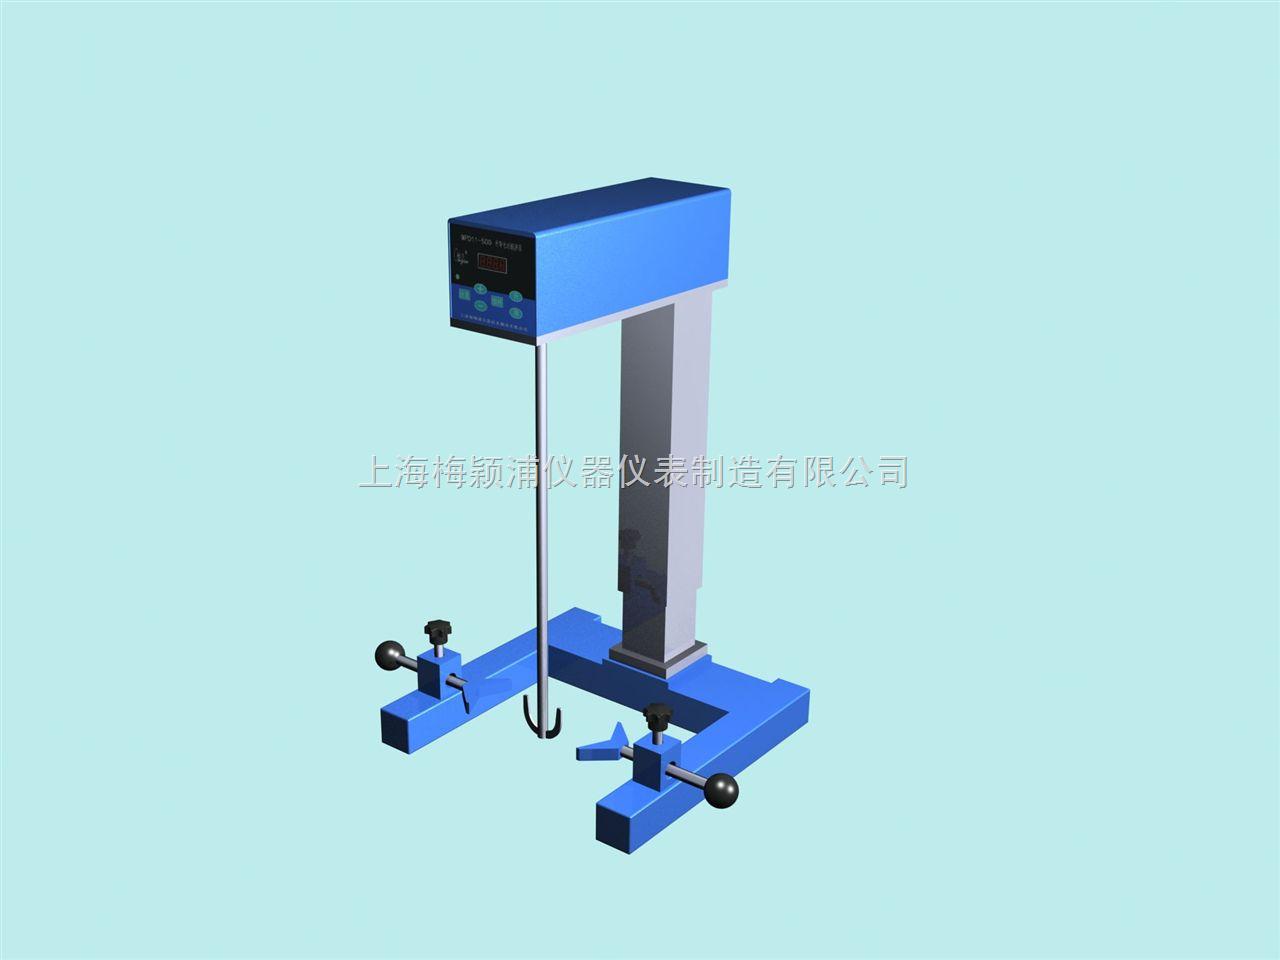 上海梅颖浦 升降电动搅拌器MY2011-1000 驰久品牌